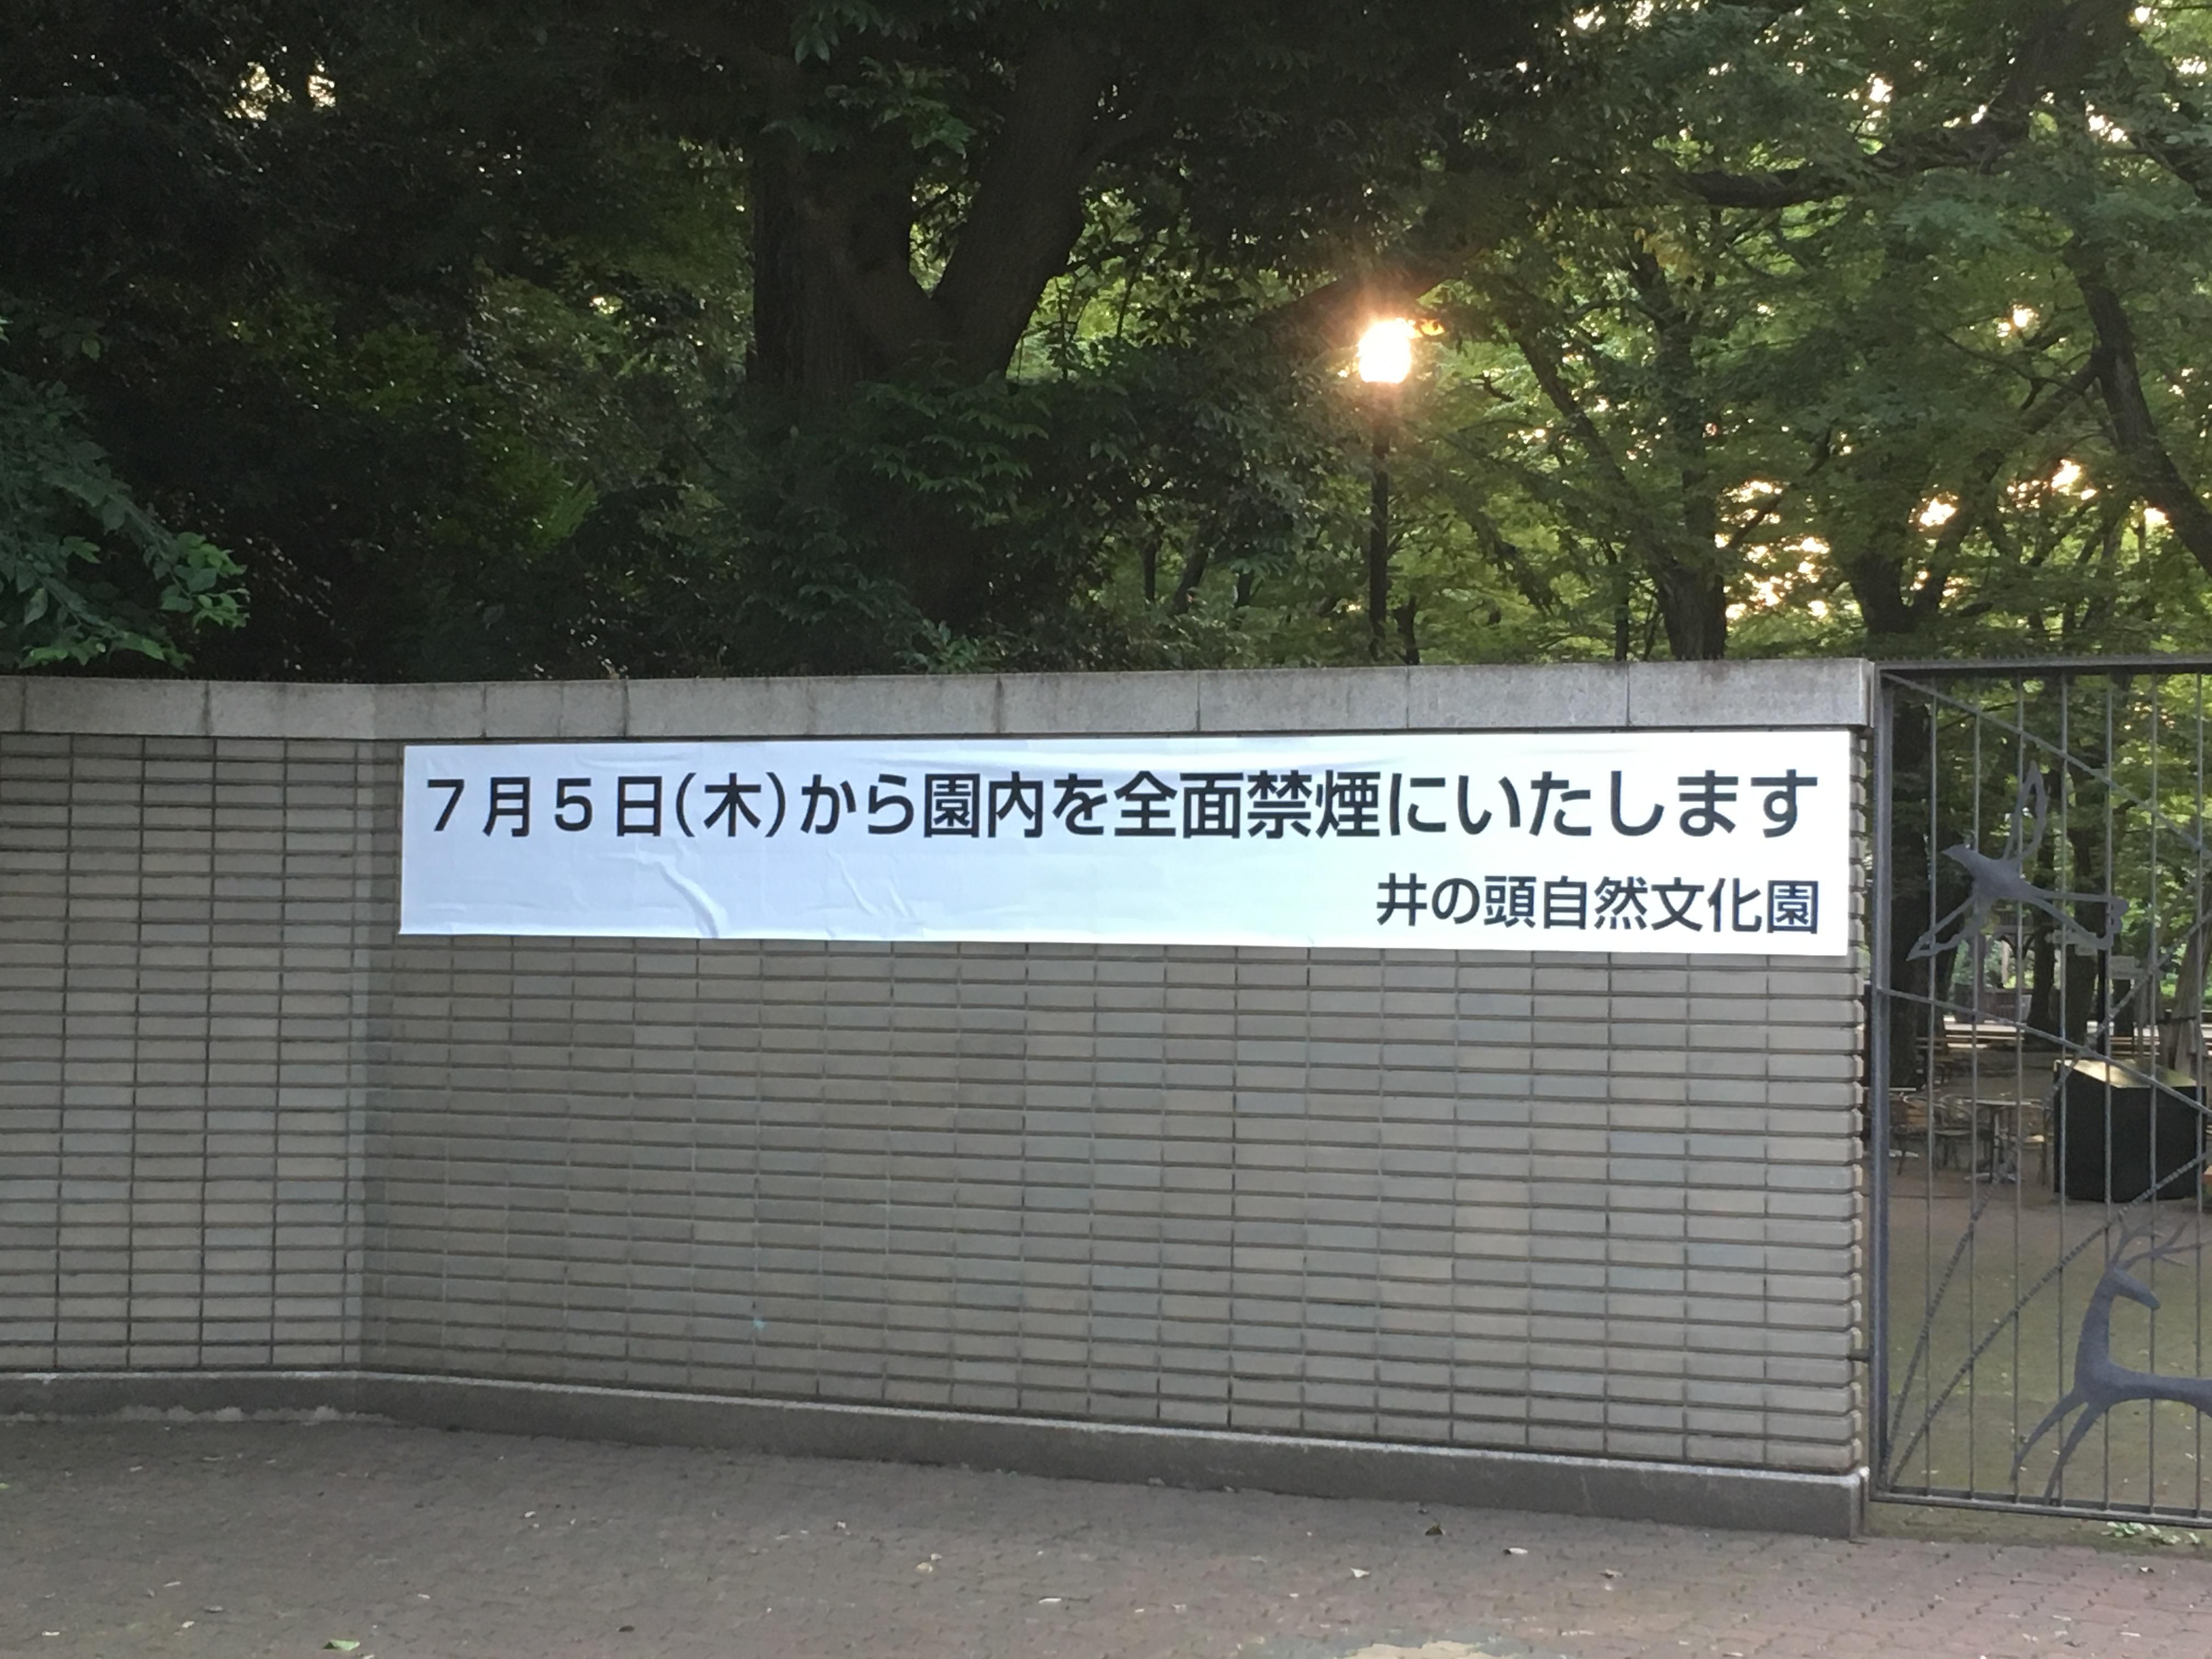 井の頭自然文化園のお知らせ